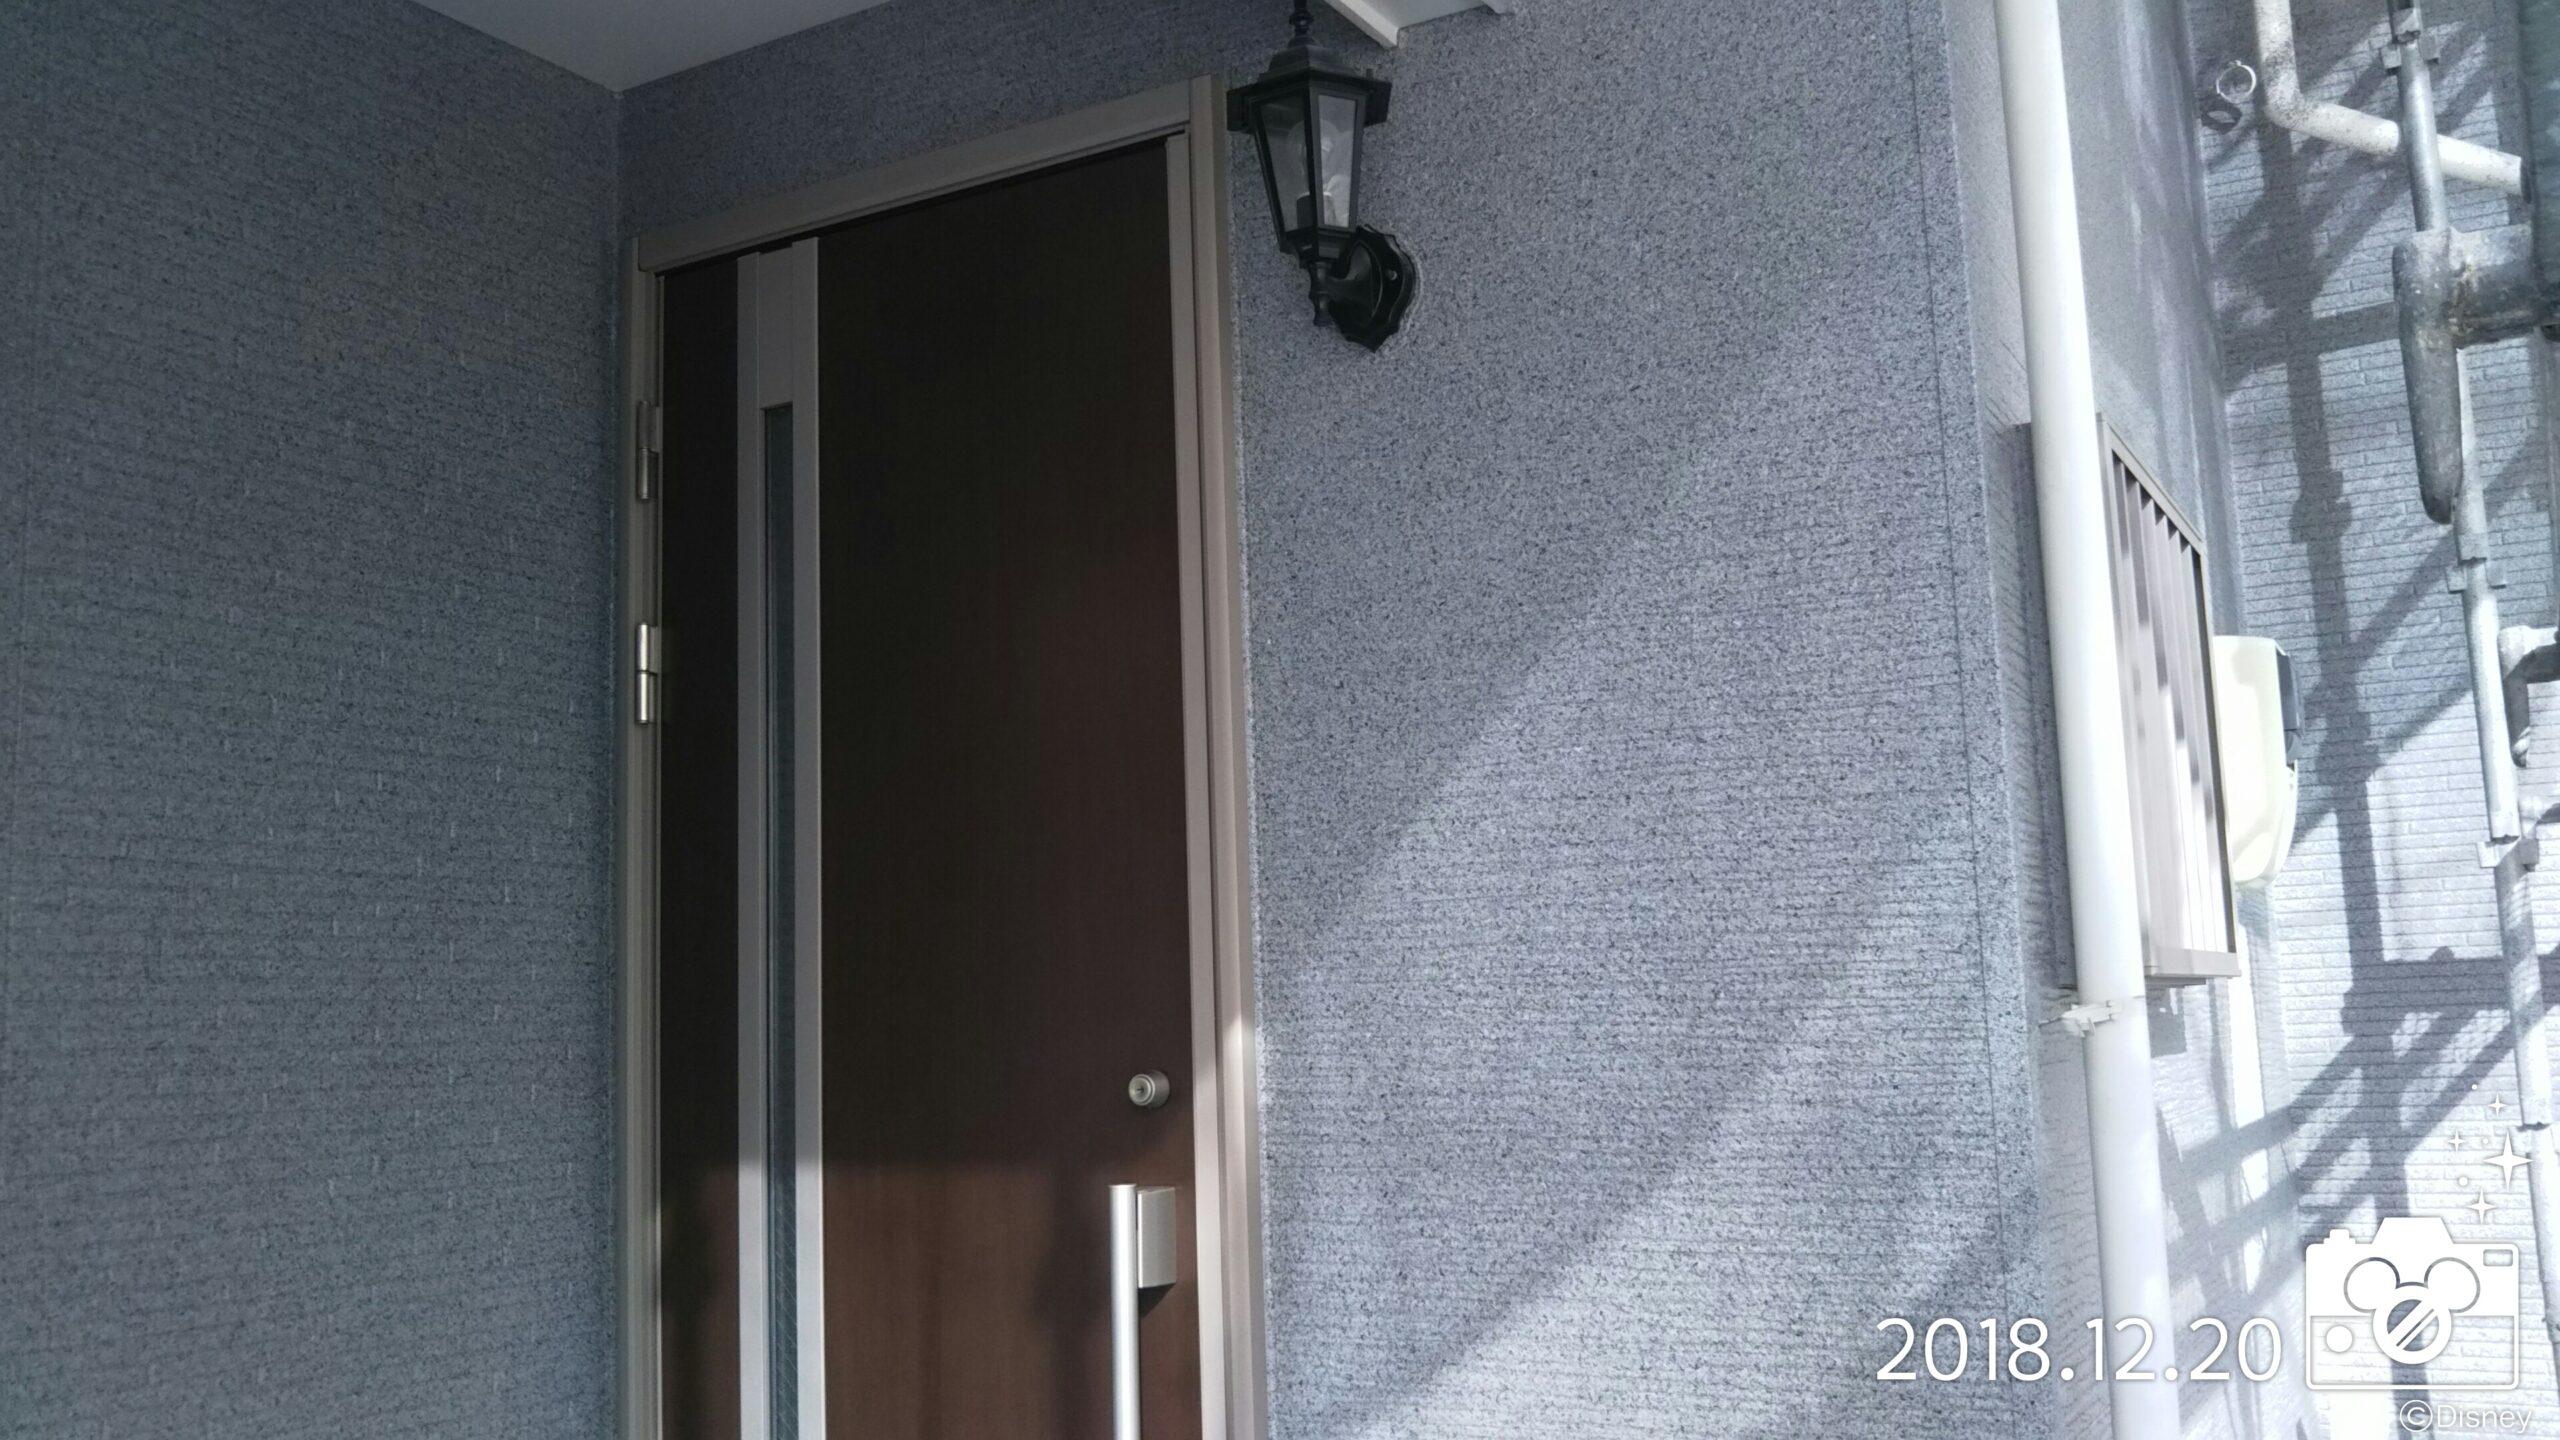 埼玉県さいたま市 鉄部の塗装とサッシ周りの掃除|さいたま市中央区のS様邸(木造3階建て)にて塗り替えリフォーム中